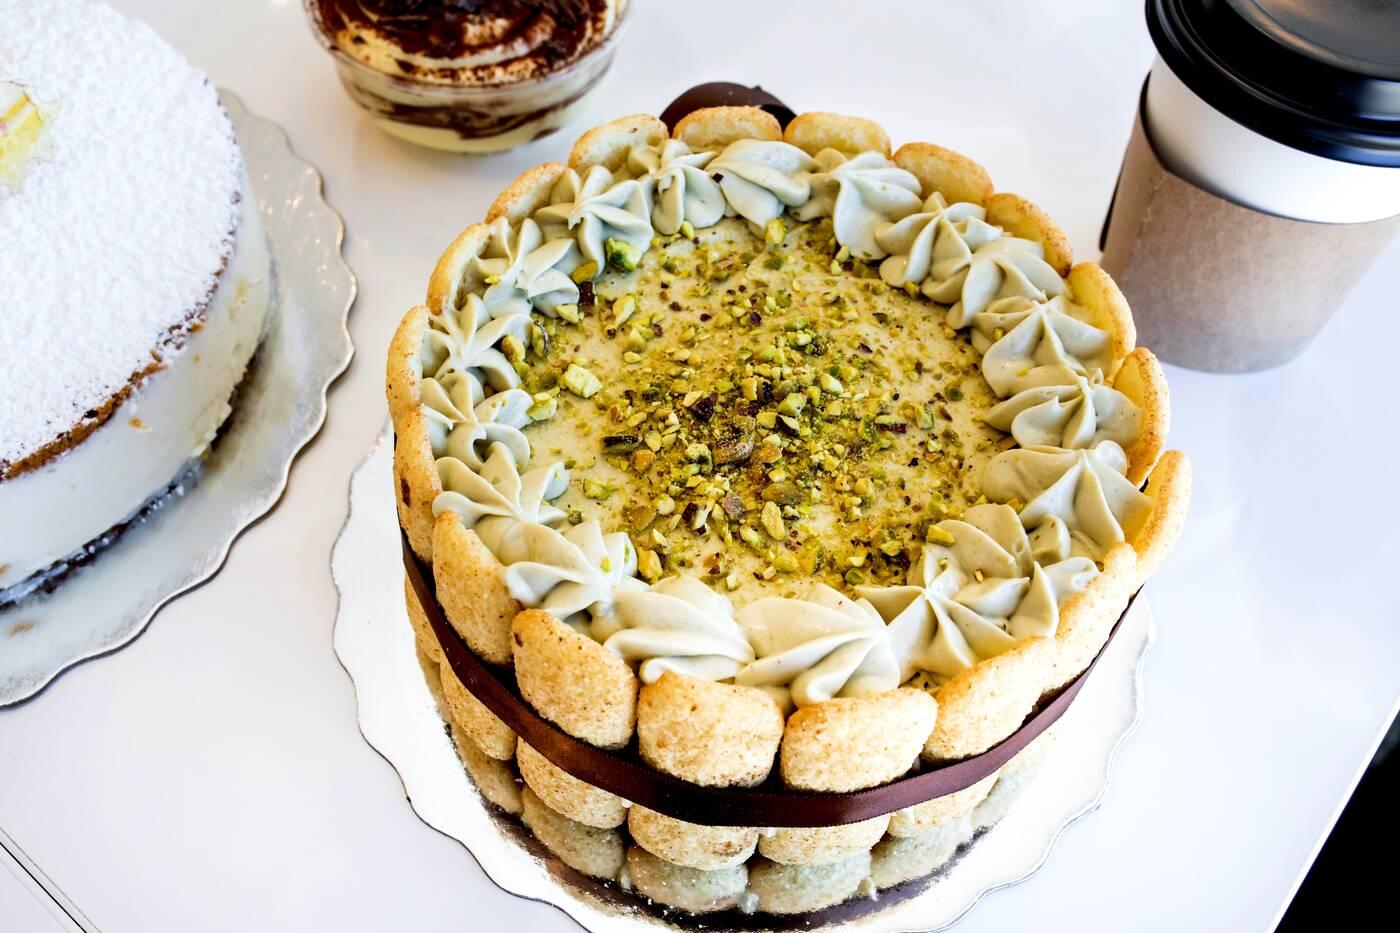 amico bakery toronto